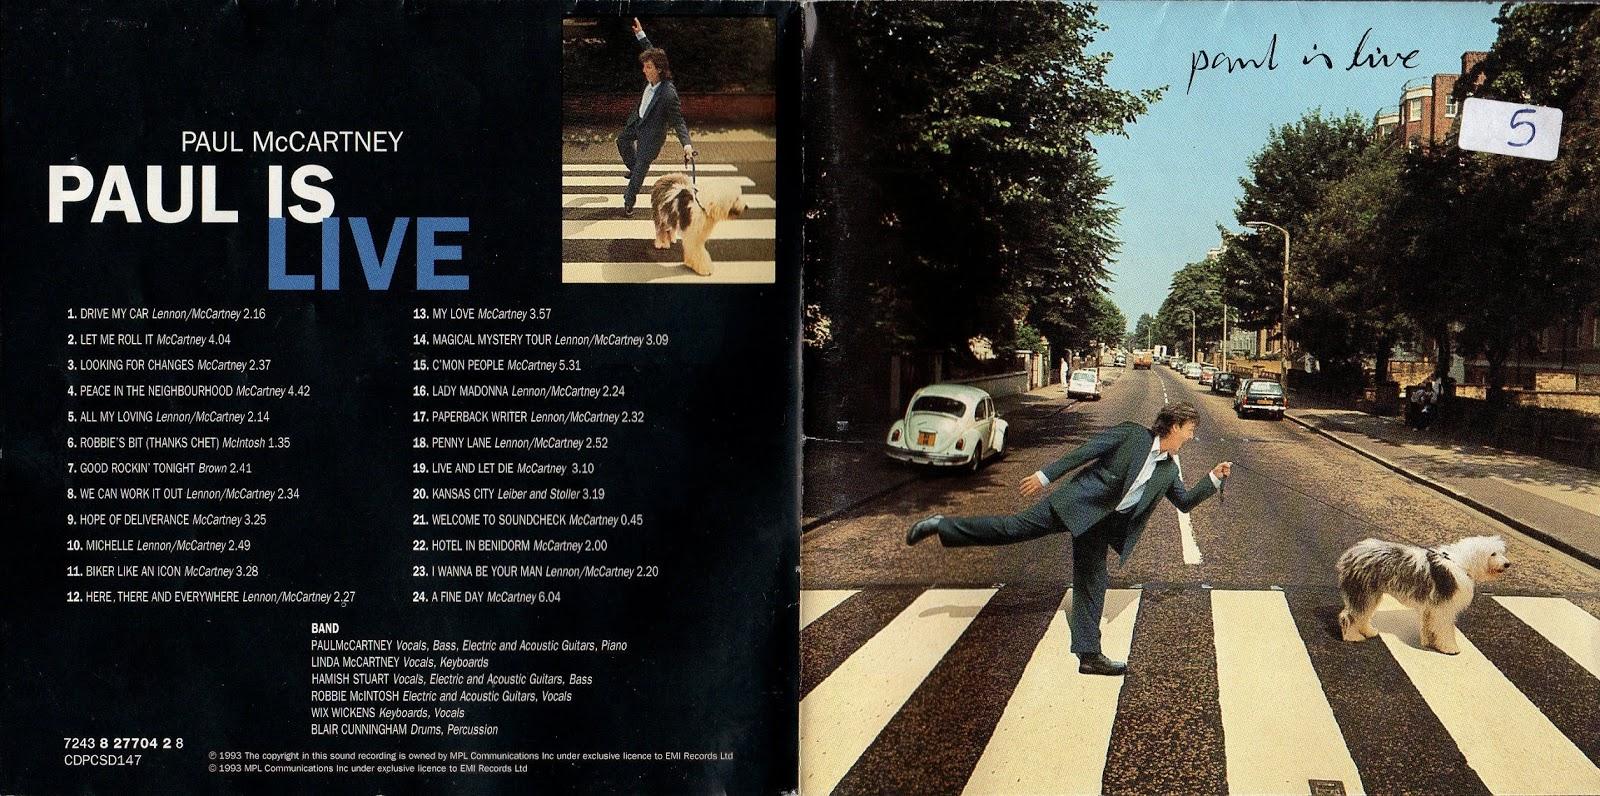 Portada y contraportada del álbum 'Paul Is Live' de Paul McCartney